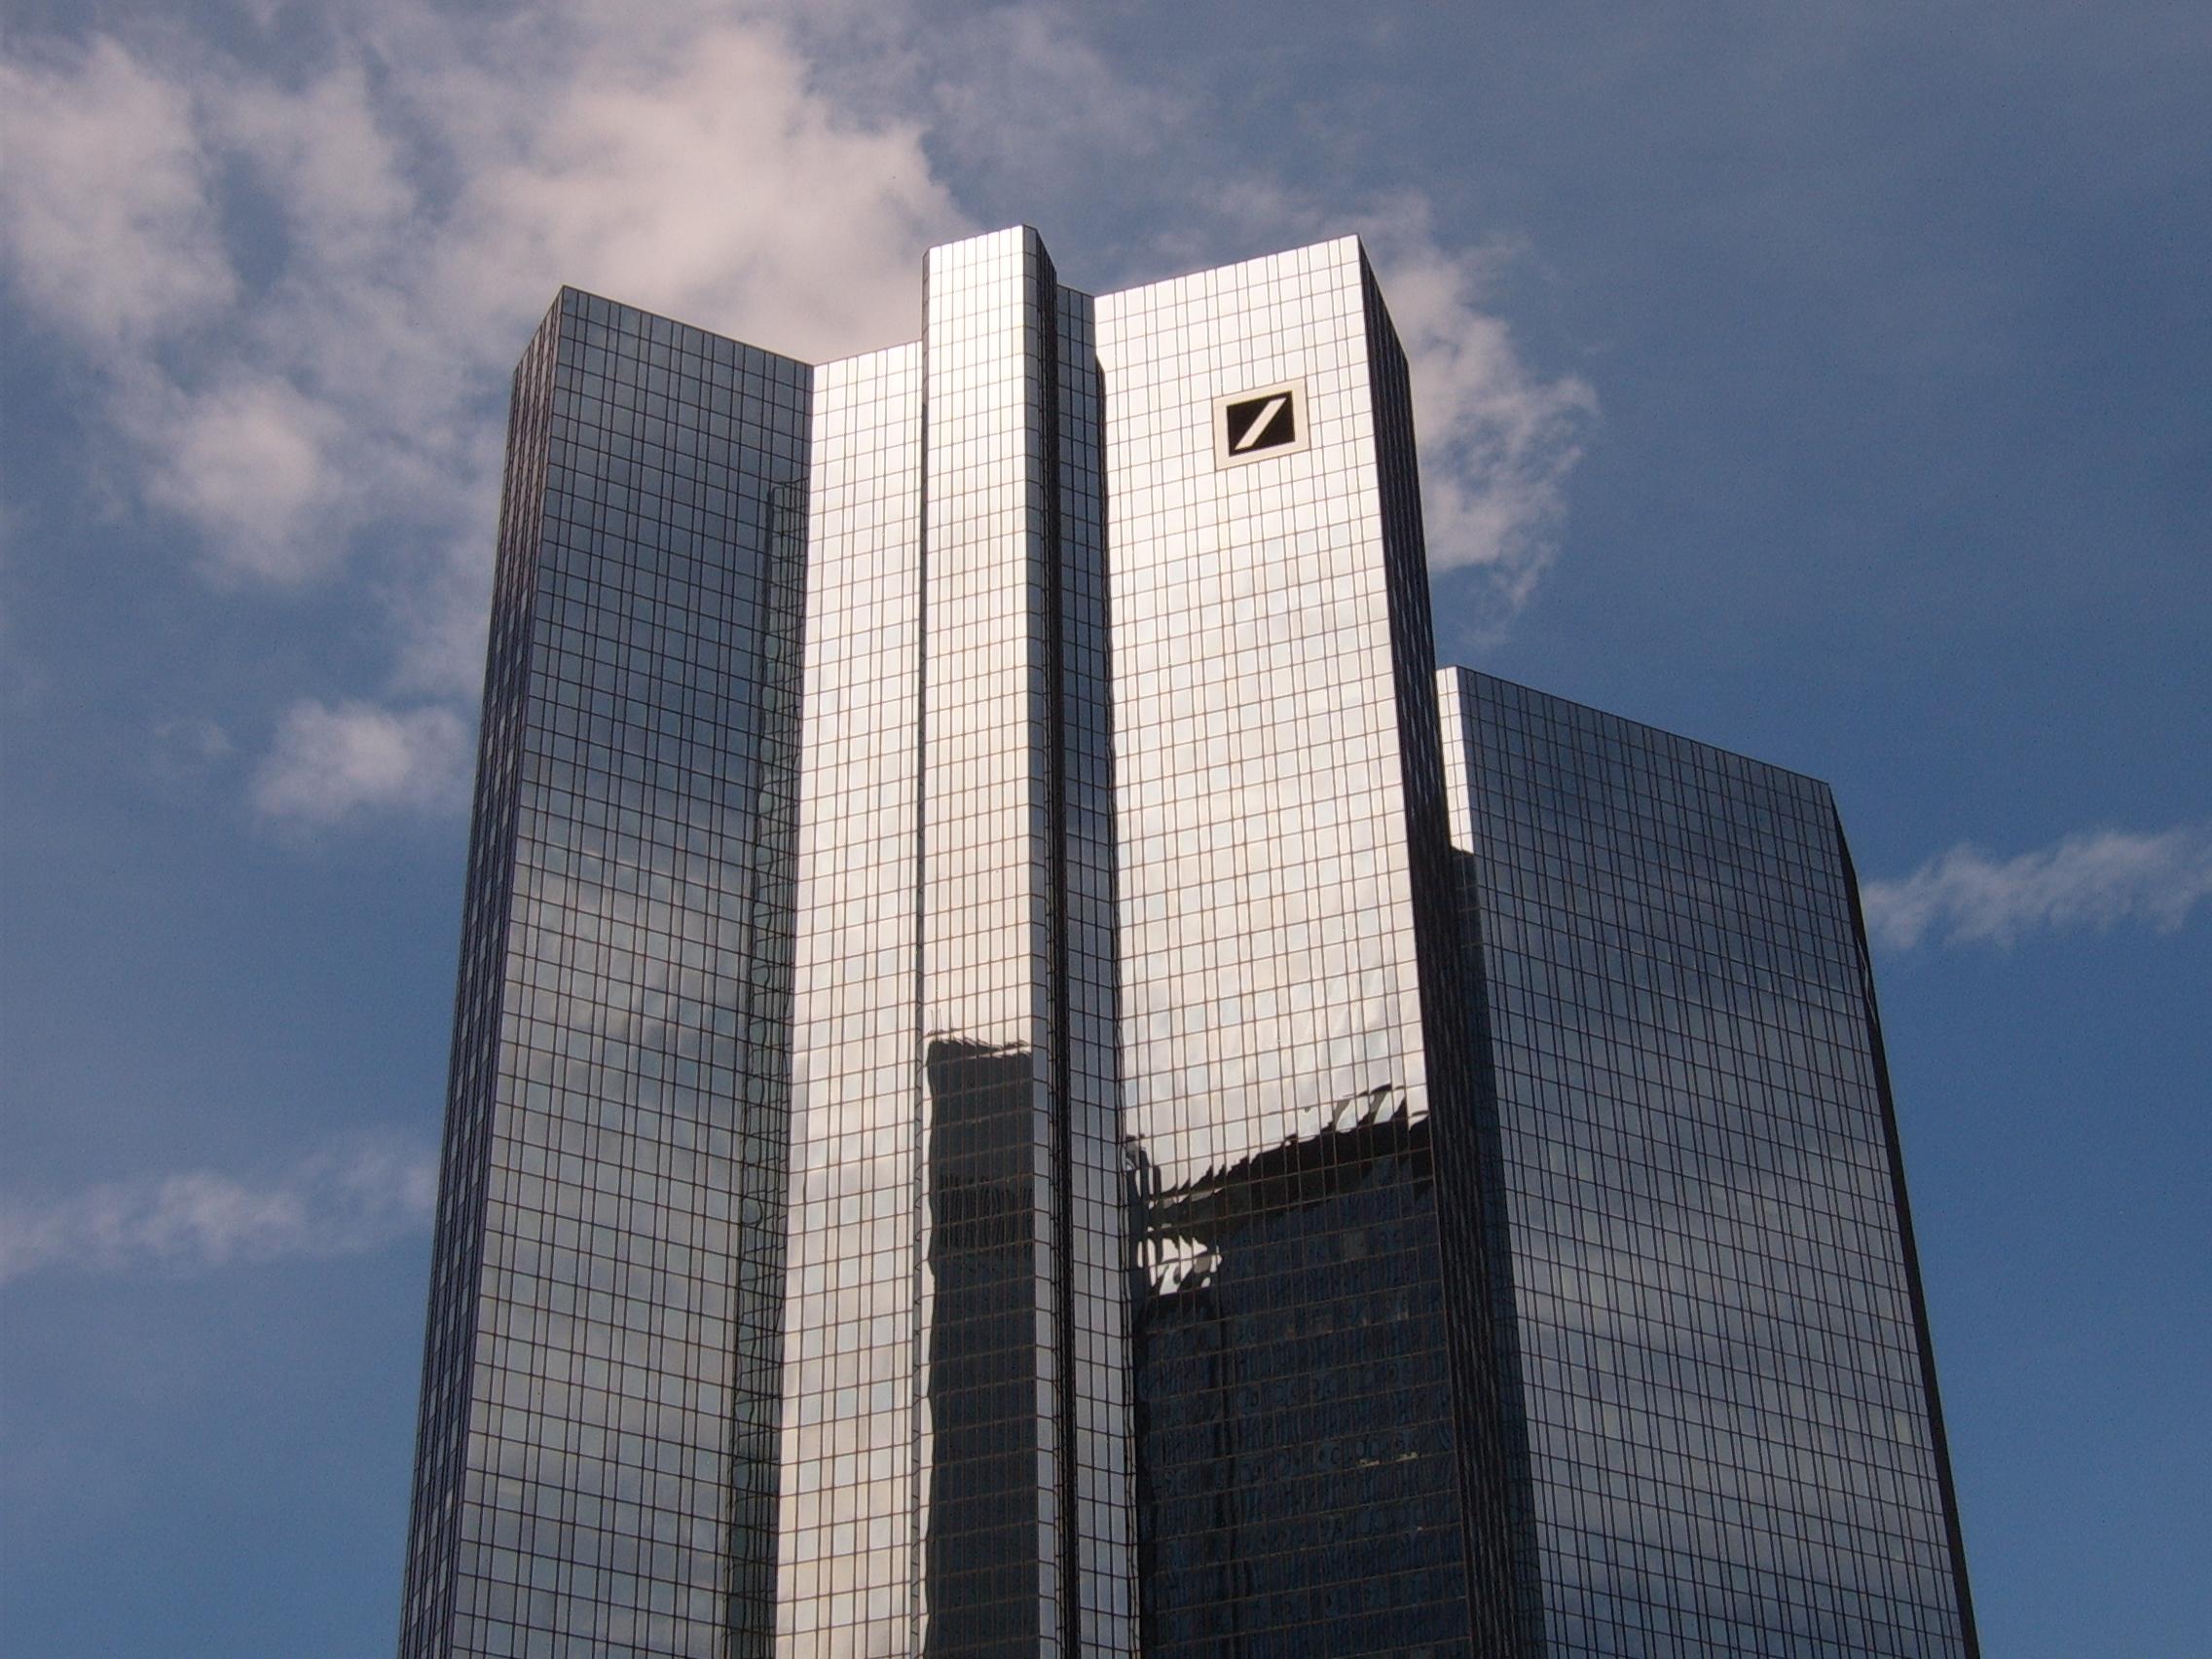 Γιατί η Deutsche Bank τρομάζει τους επενδυτές και τη Γερμανία